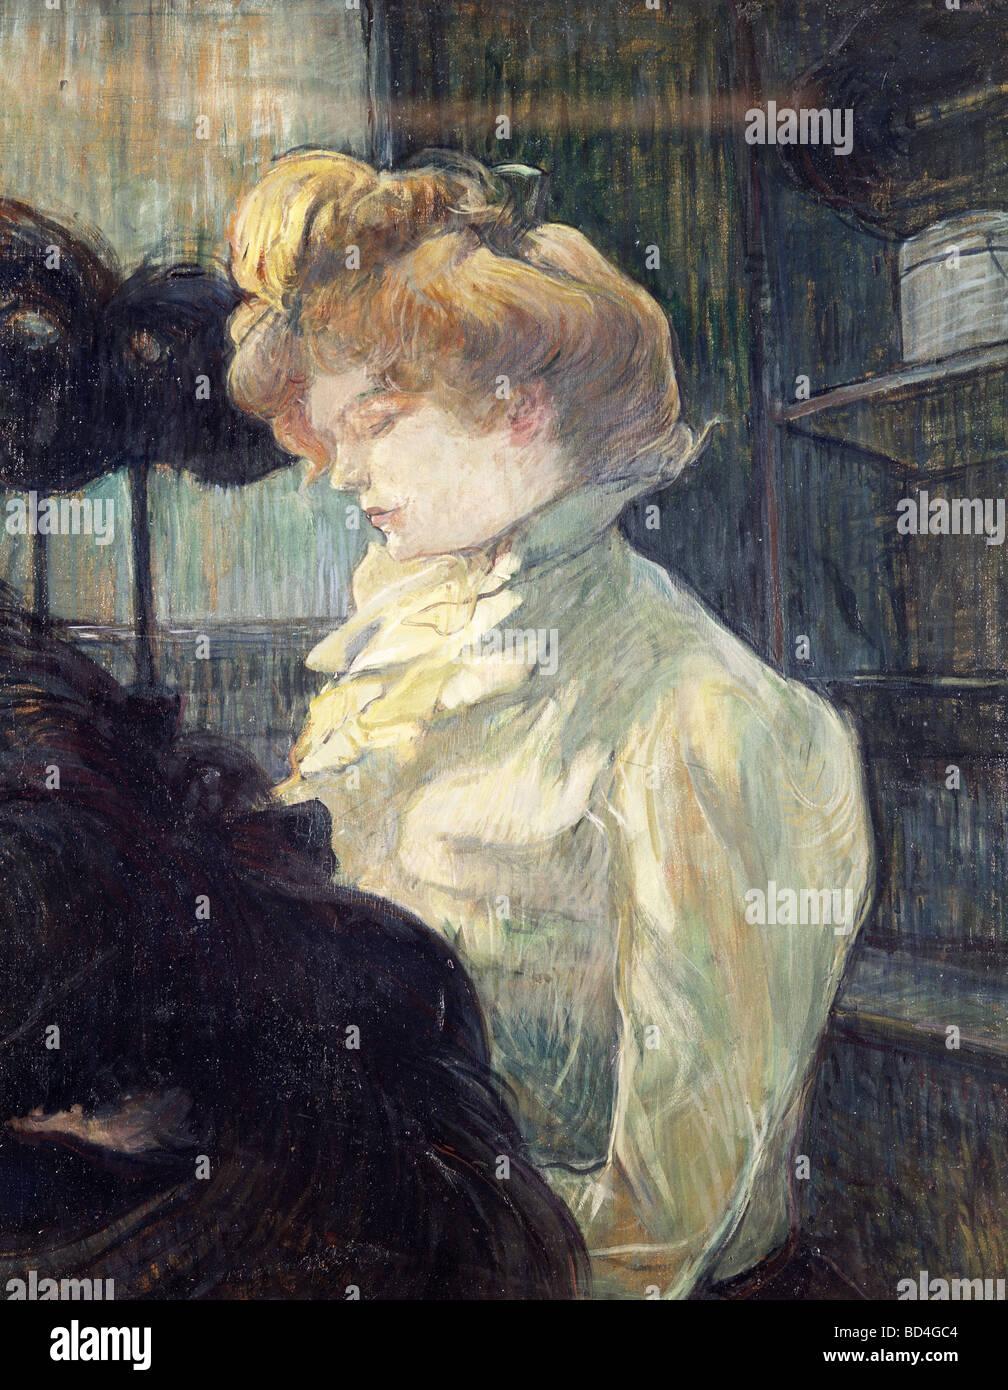 """Beaux-arts, Toulouse-Lautrec, Henri de (1864 - 1901), peinture, """"La modiste"""", 1900, Musée d'Albi, Europe, France, Art Nouveau, Banque D'Images"""